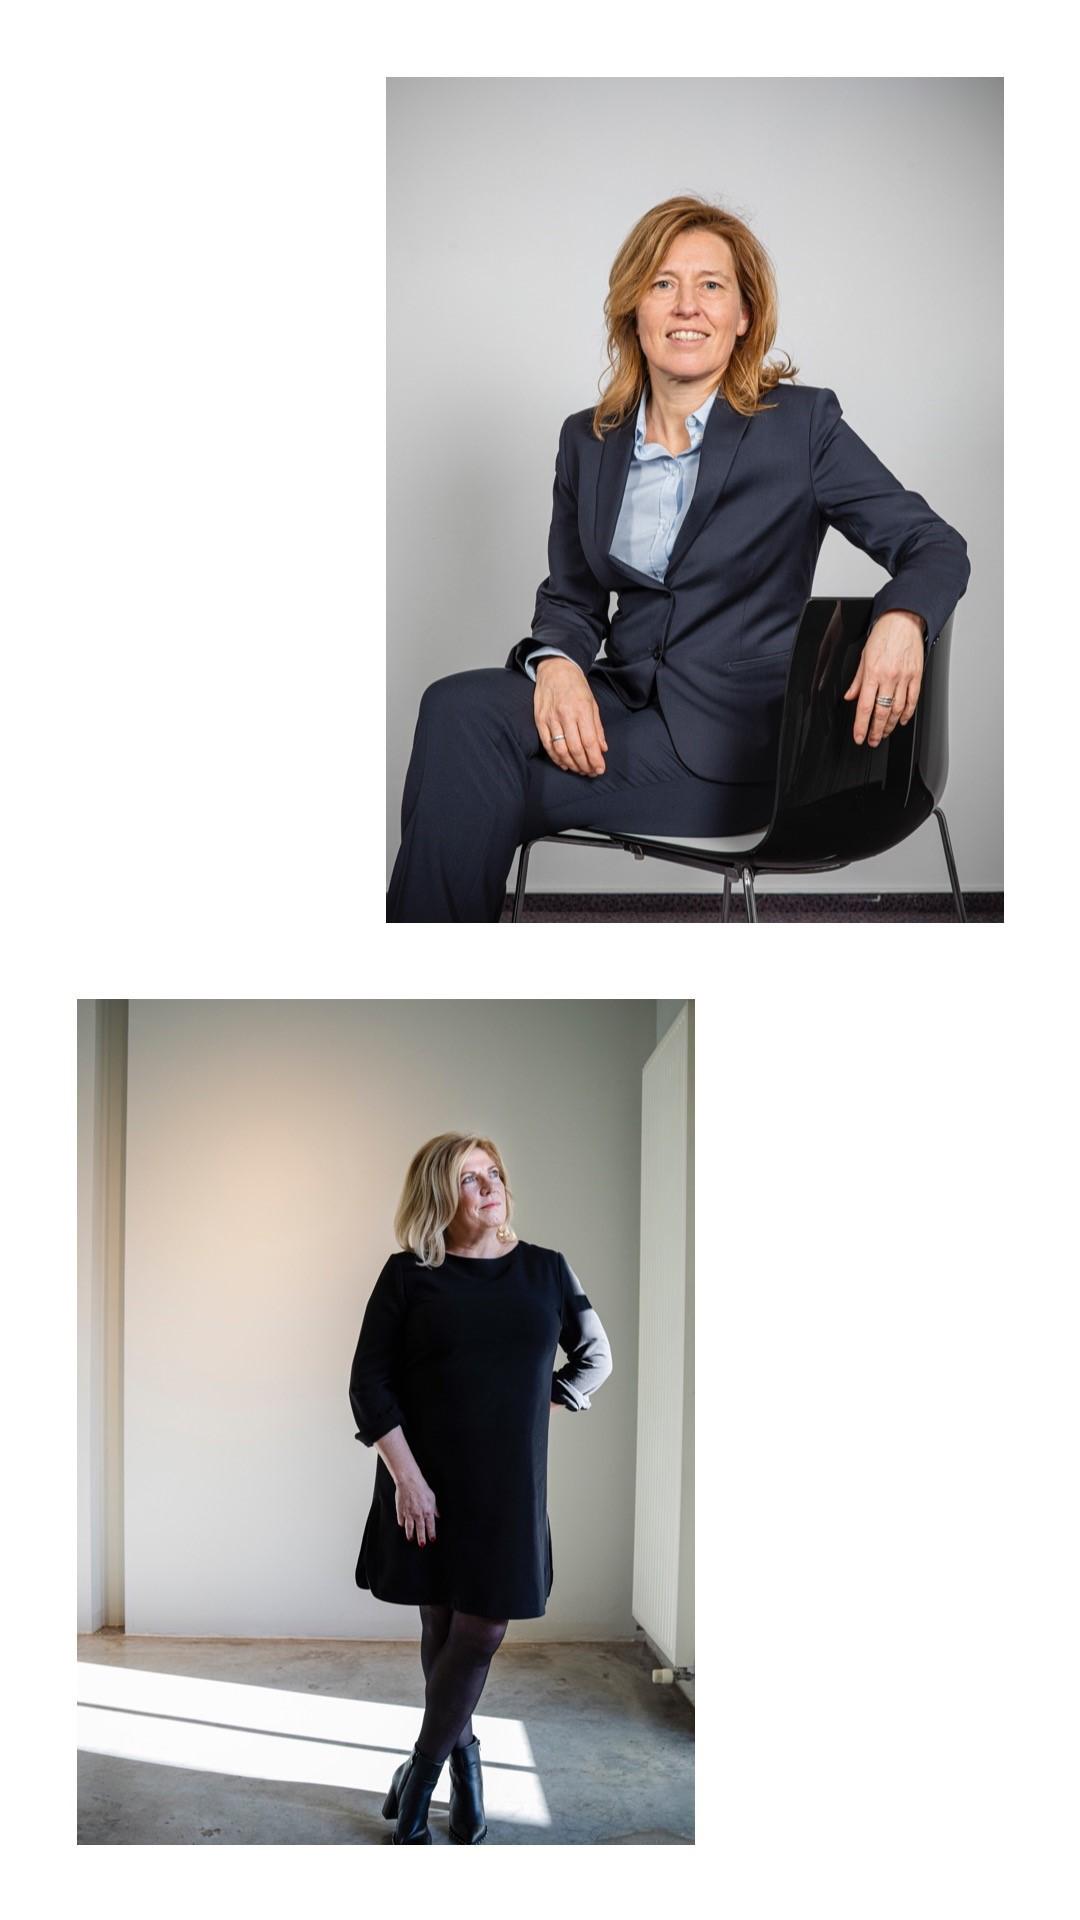 Ann & Liesbet elected as IAM Global Leaders 2020